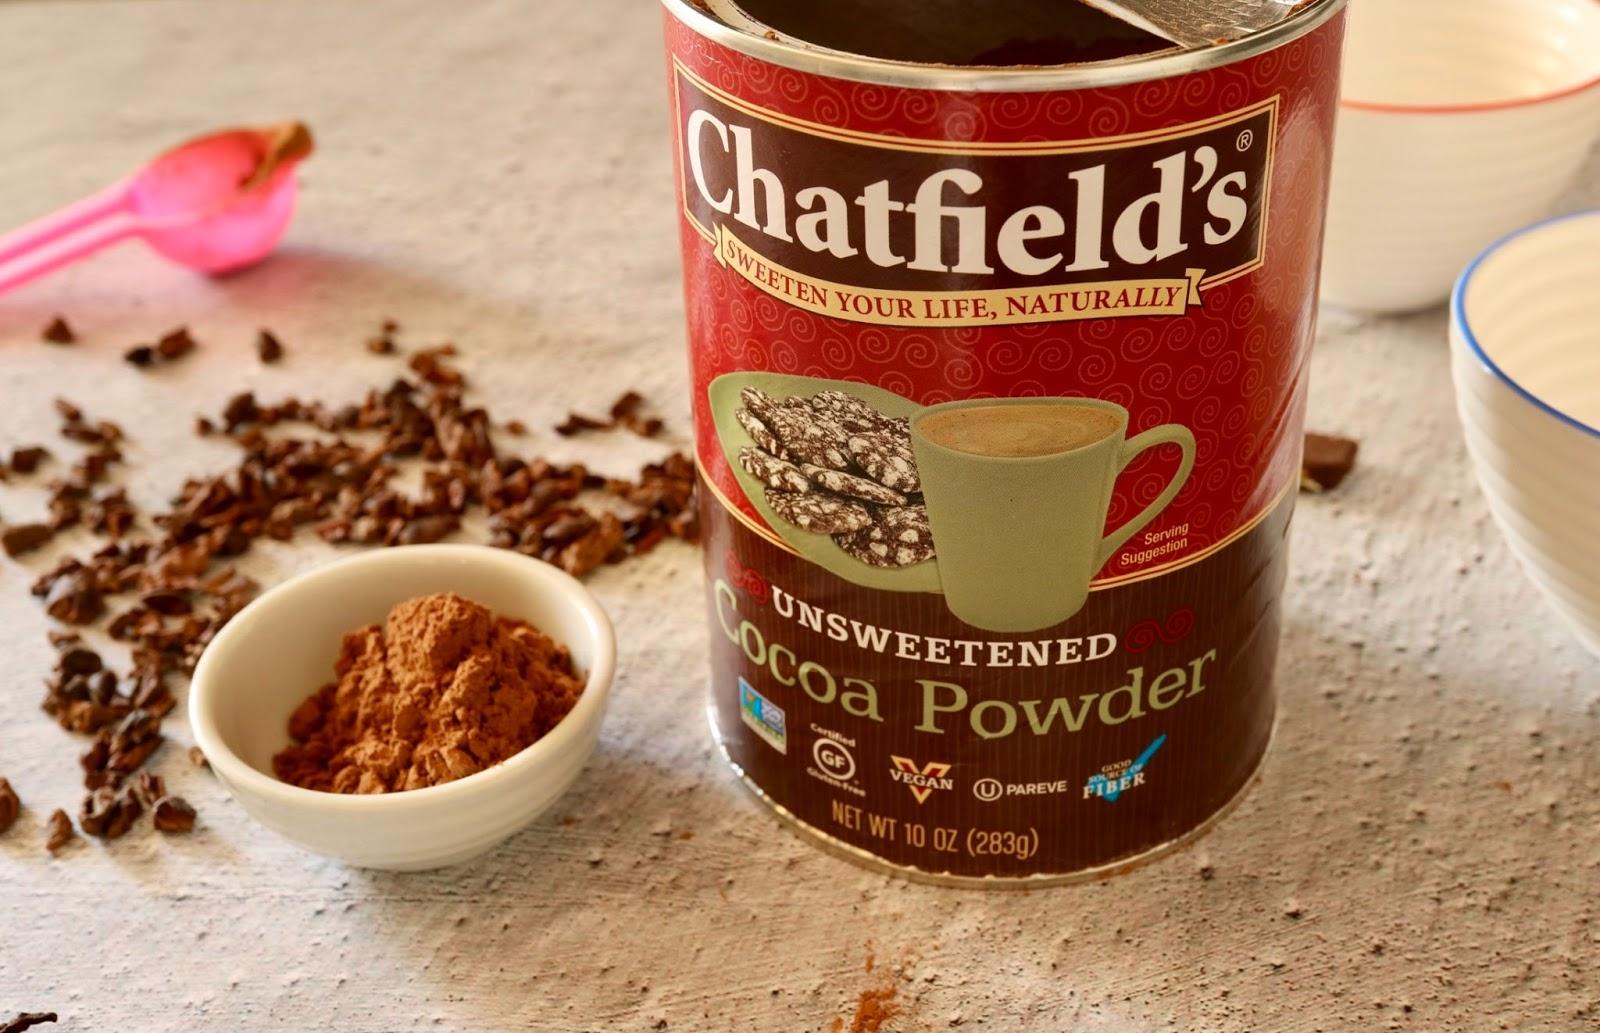 chatfield's cocoa powder